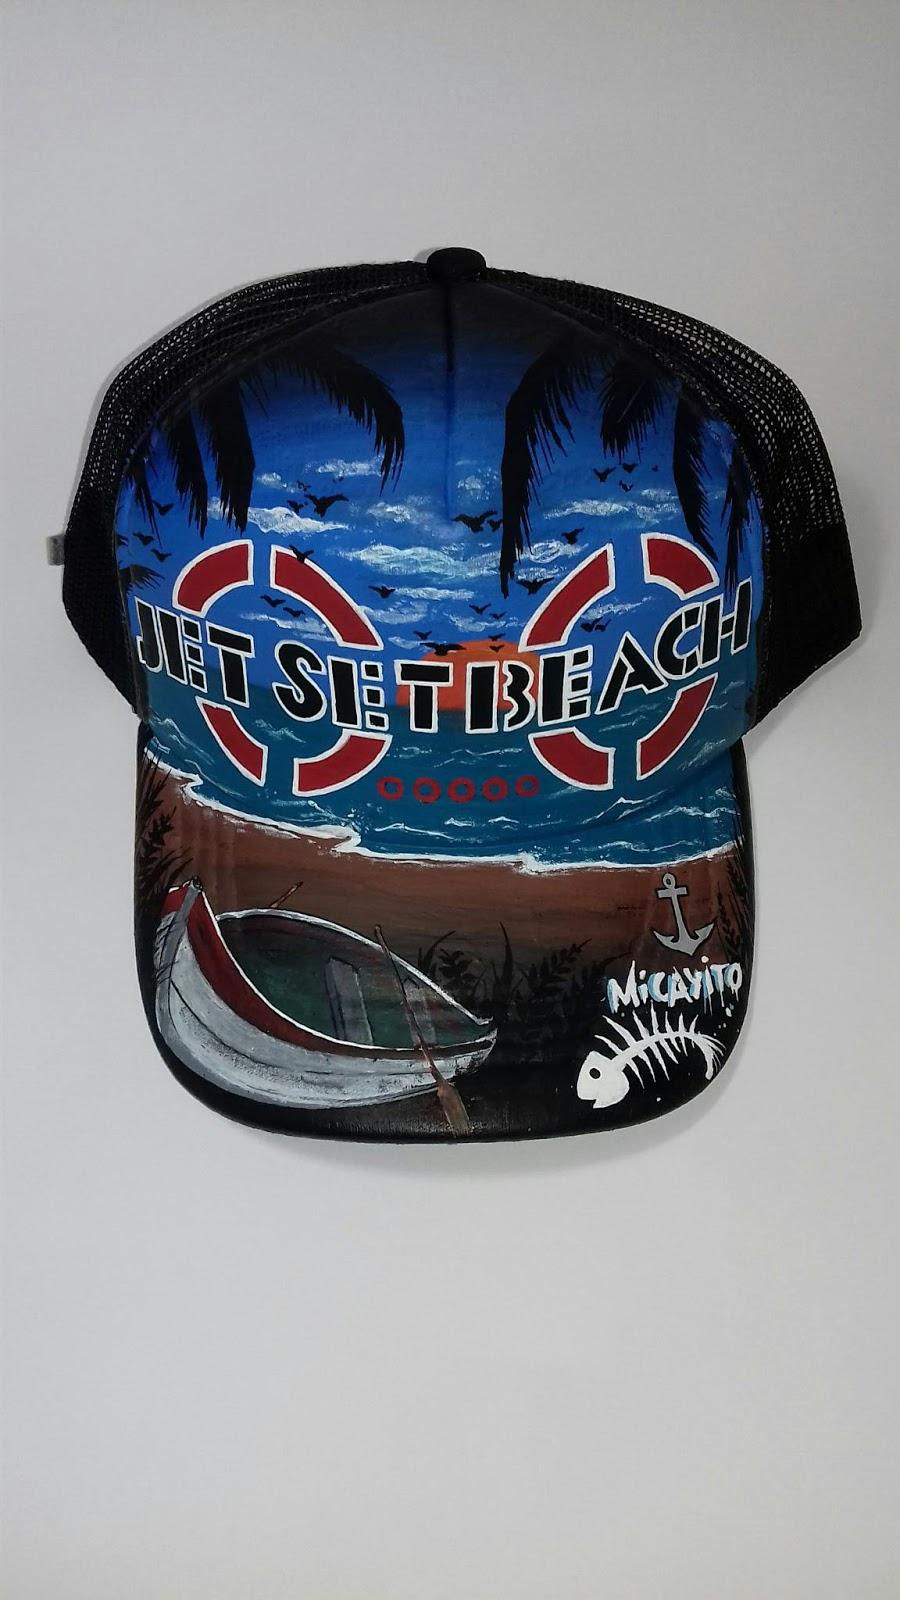 31881a547a7 ... su nueva gorra personalizada pintada a mano. De todo lo demás se  ocupará customprocap a si que no lo dudes más y dale color a tu gorras  customizada.